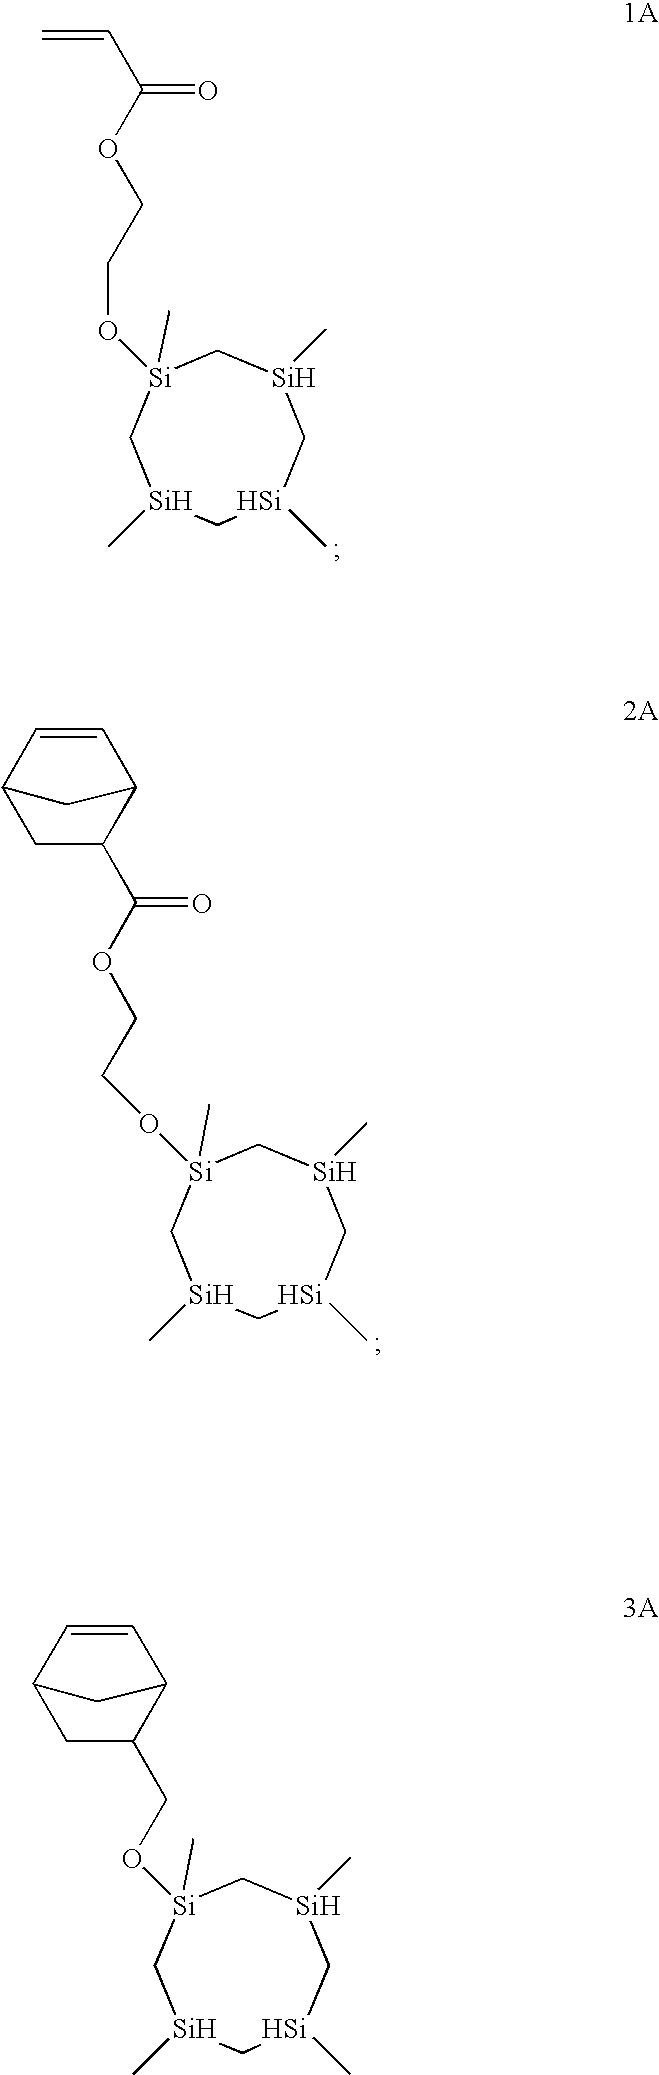 Figure US20030207205A1-20031106-C00004